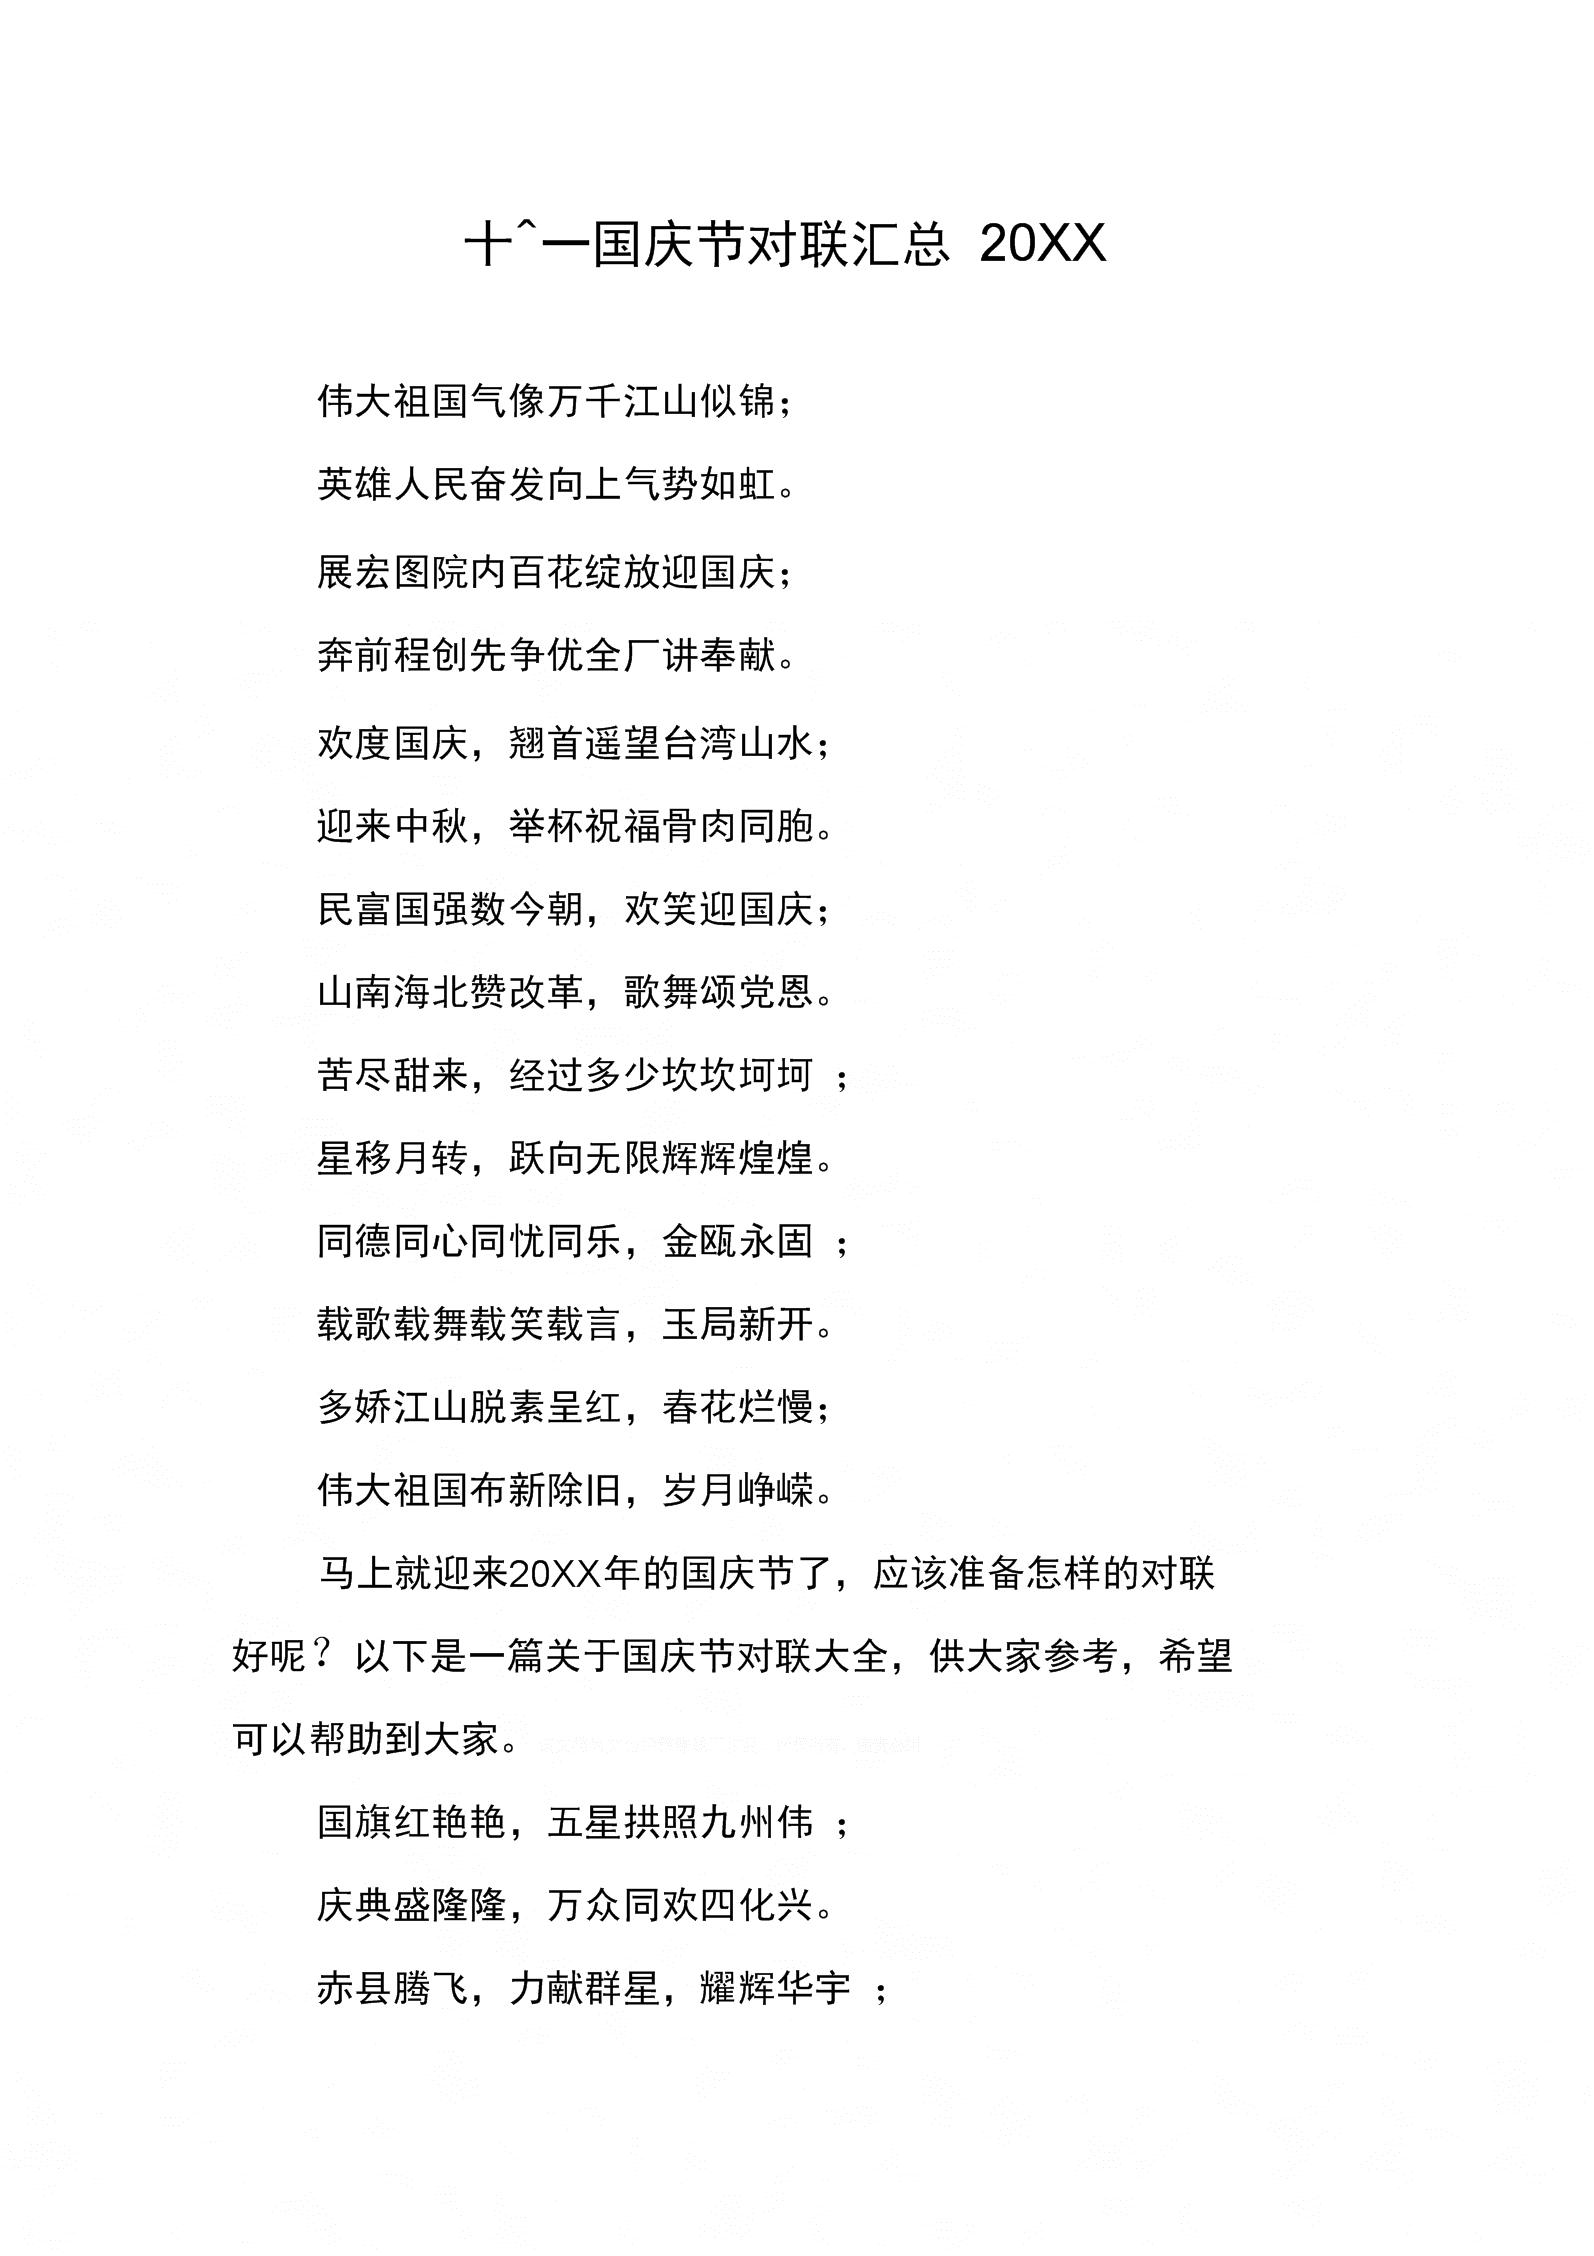 十一国庆节对联汇总.docx